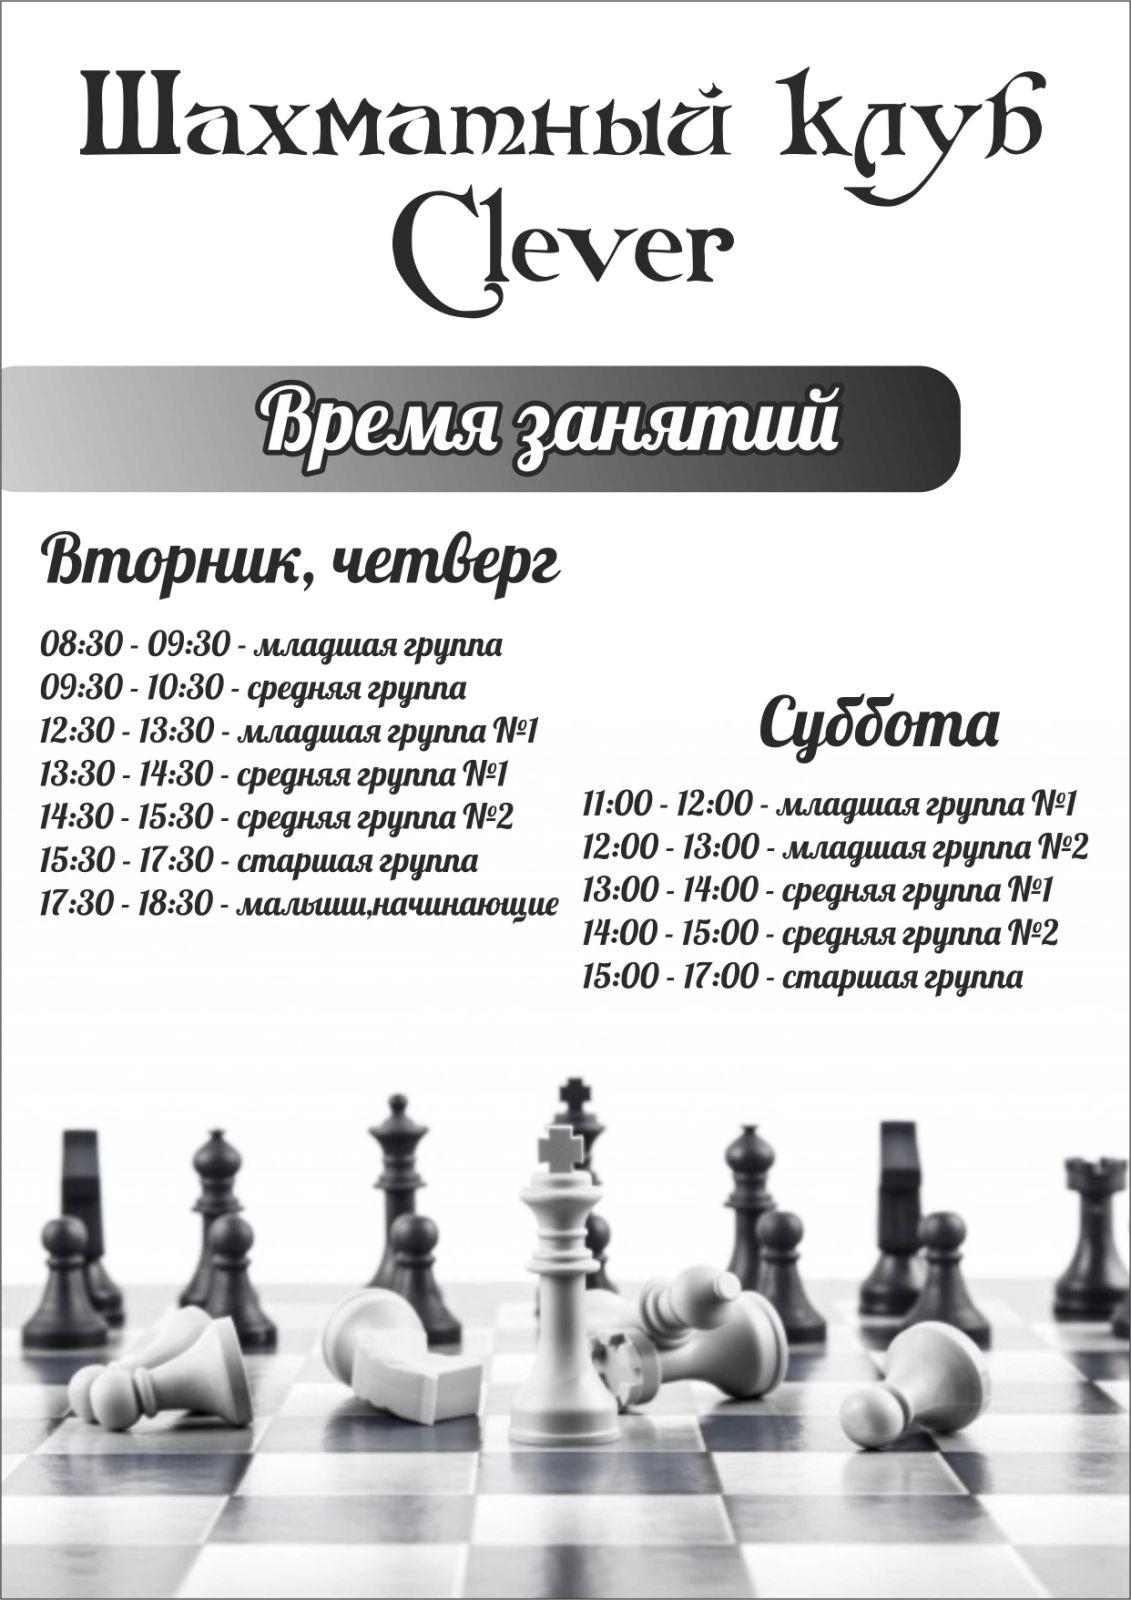 Расписание Шахматного клуба с 1 сентября.